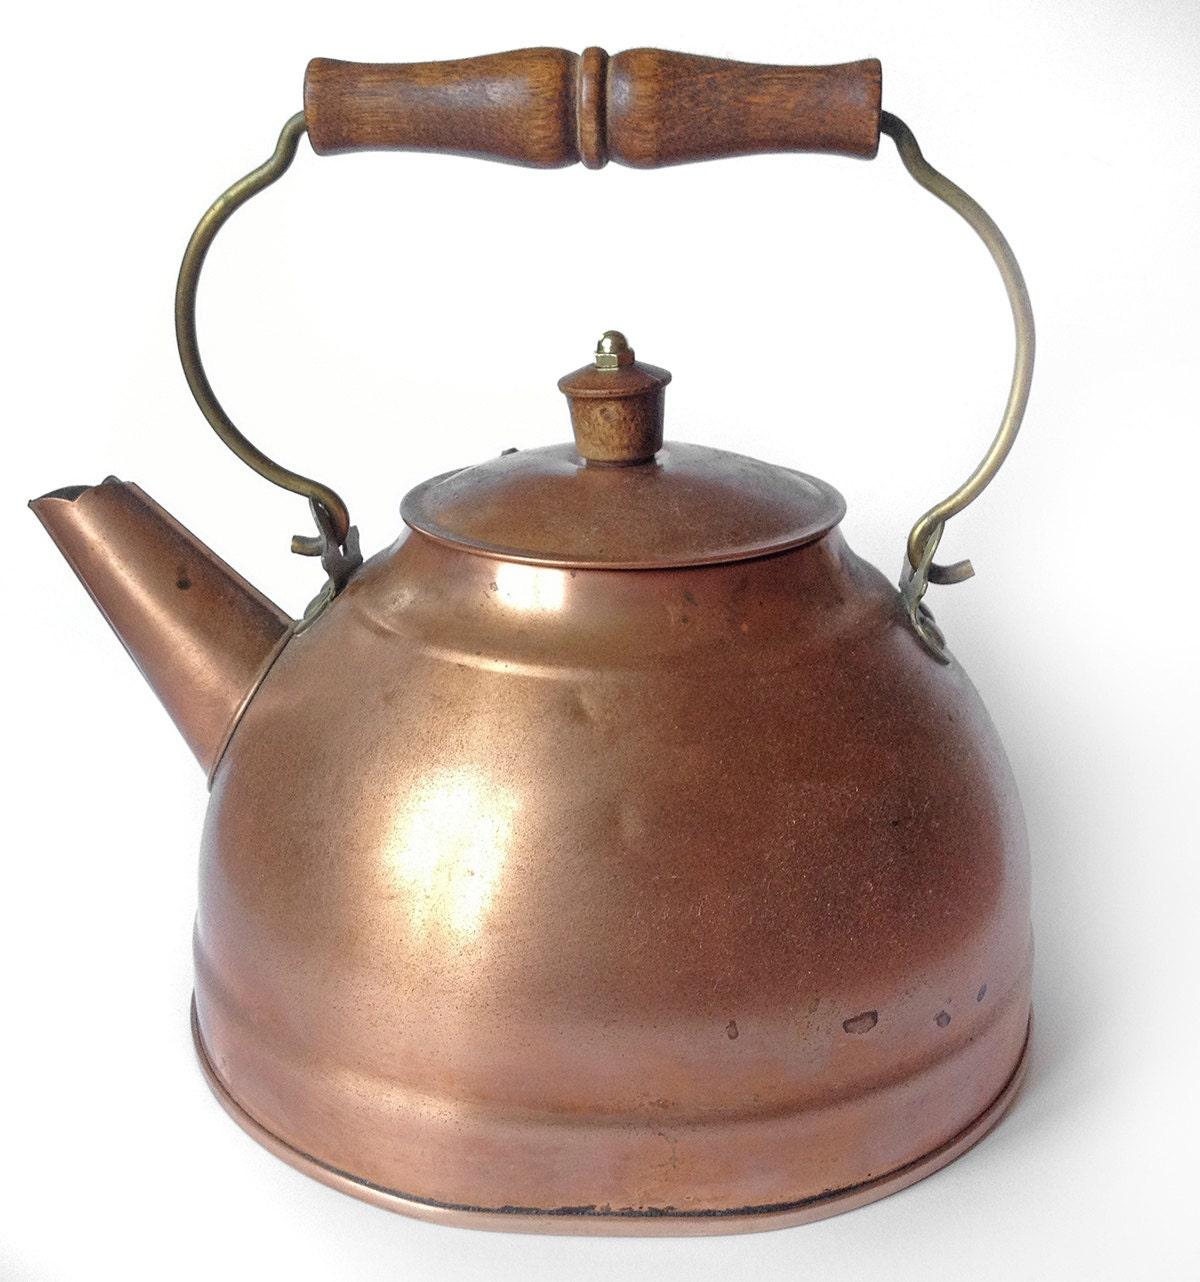 Vintage Revere Ware Copper Kettle Teapot